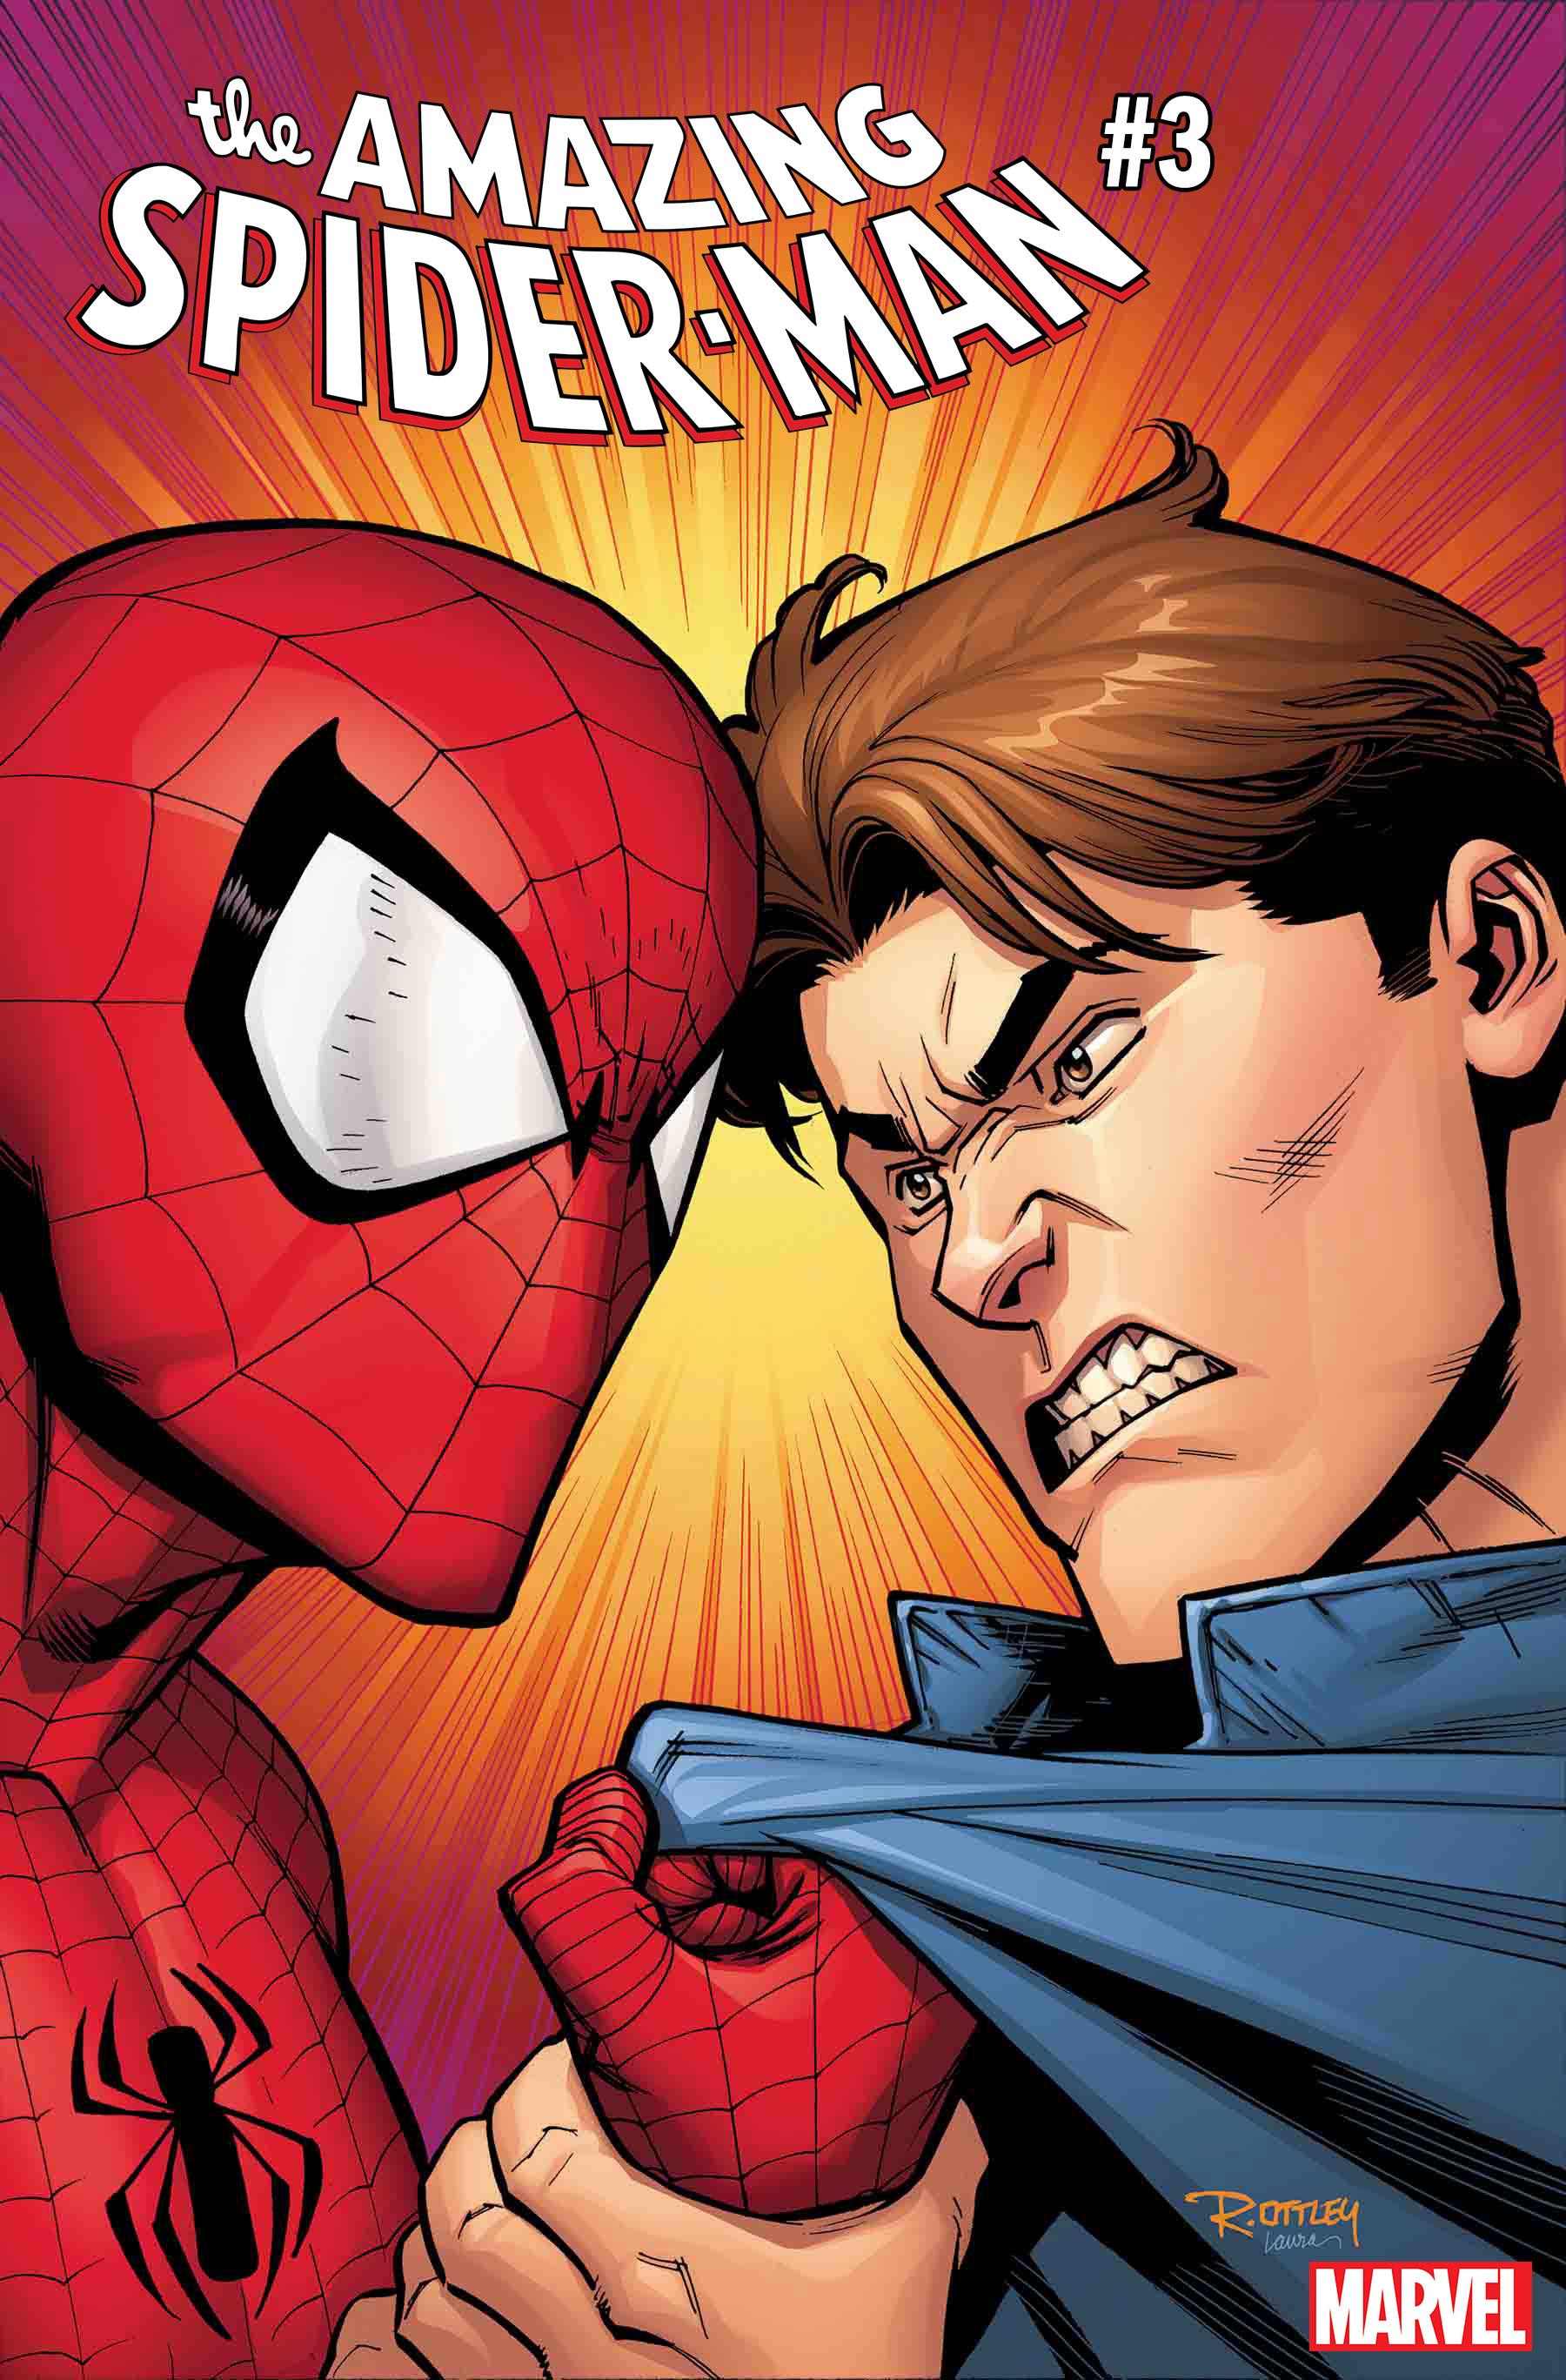 Amazing Spider Man 3 Peter Parker Vs Spider Man What